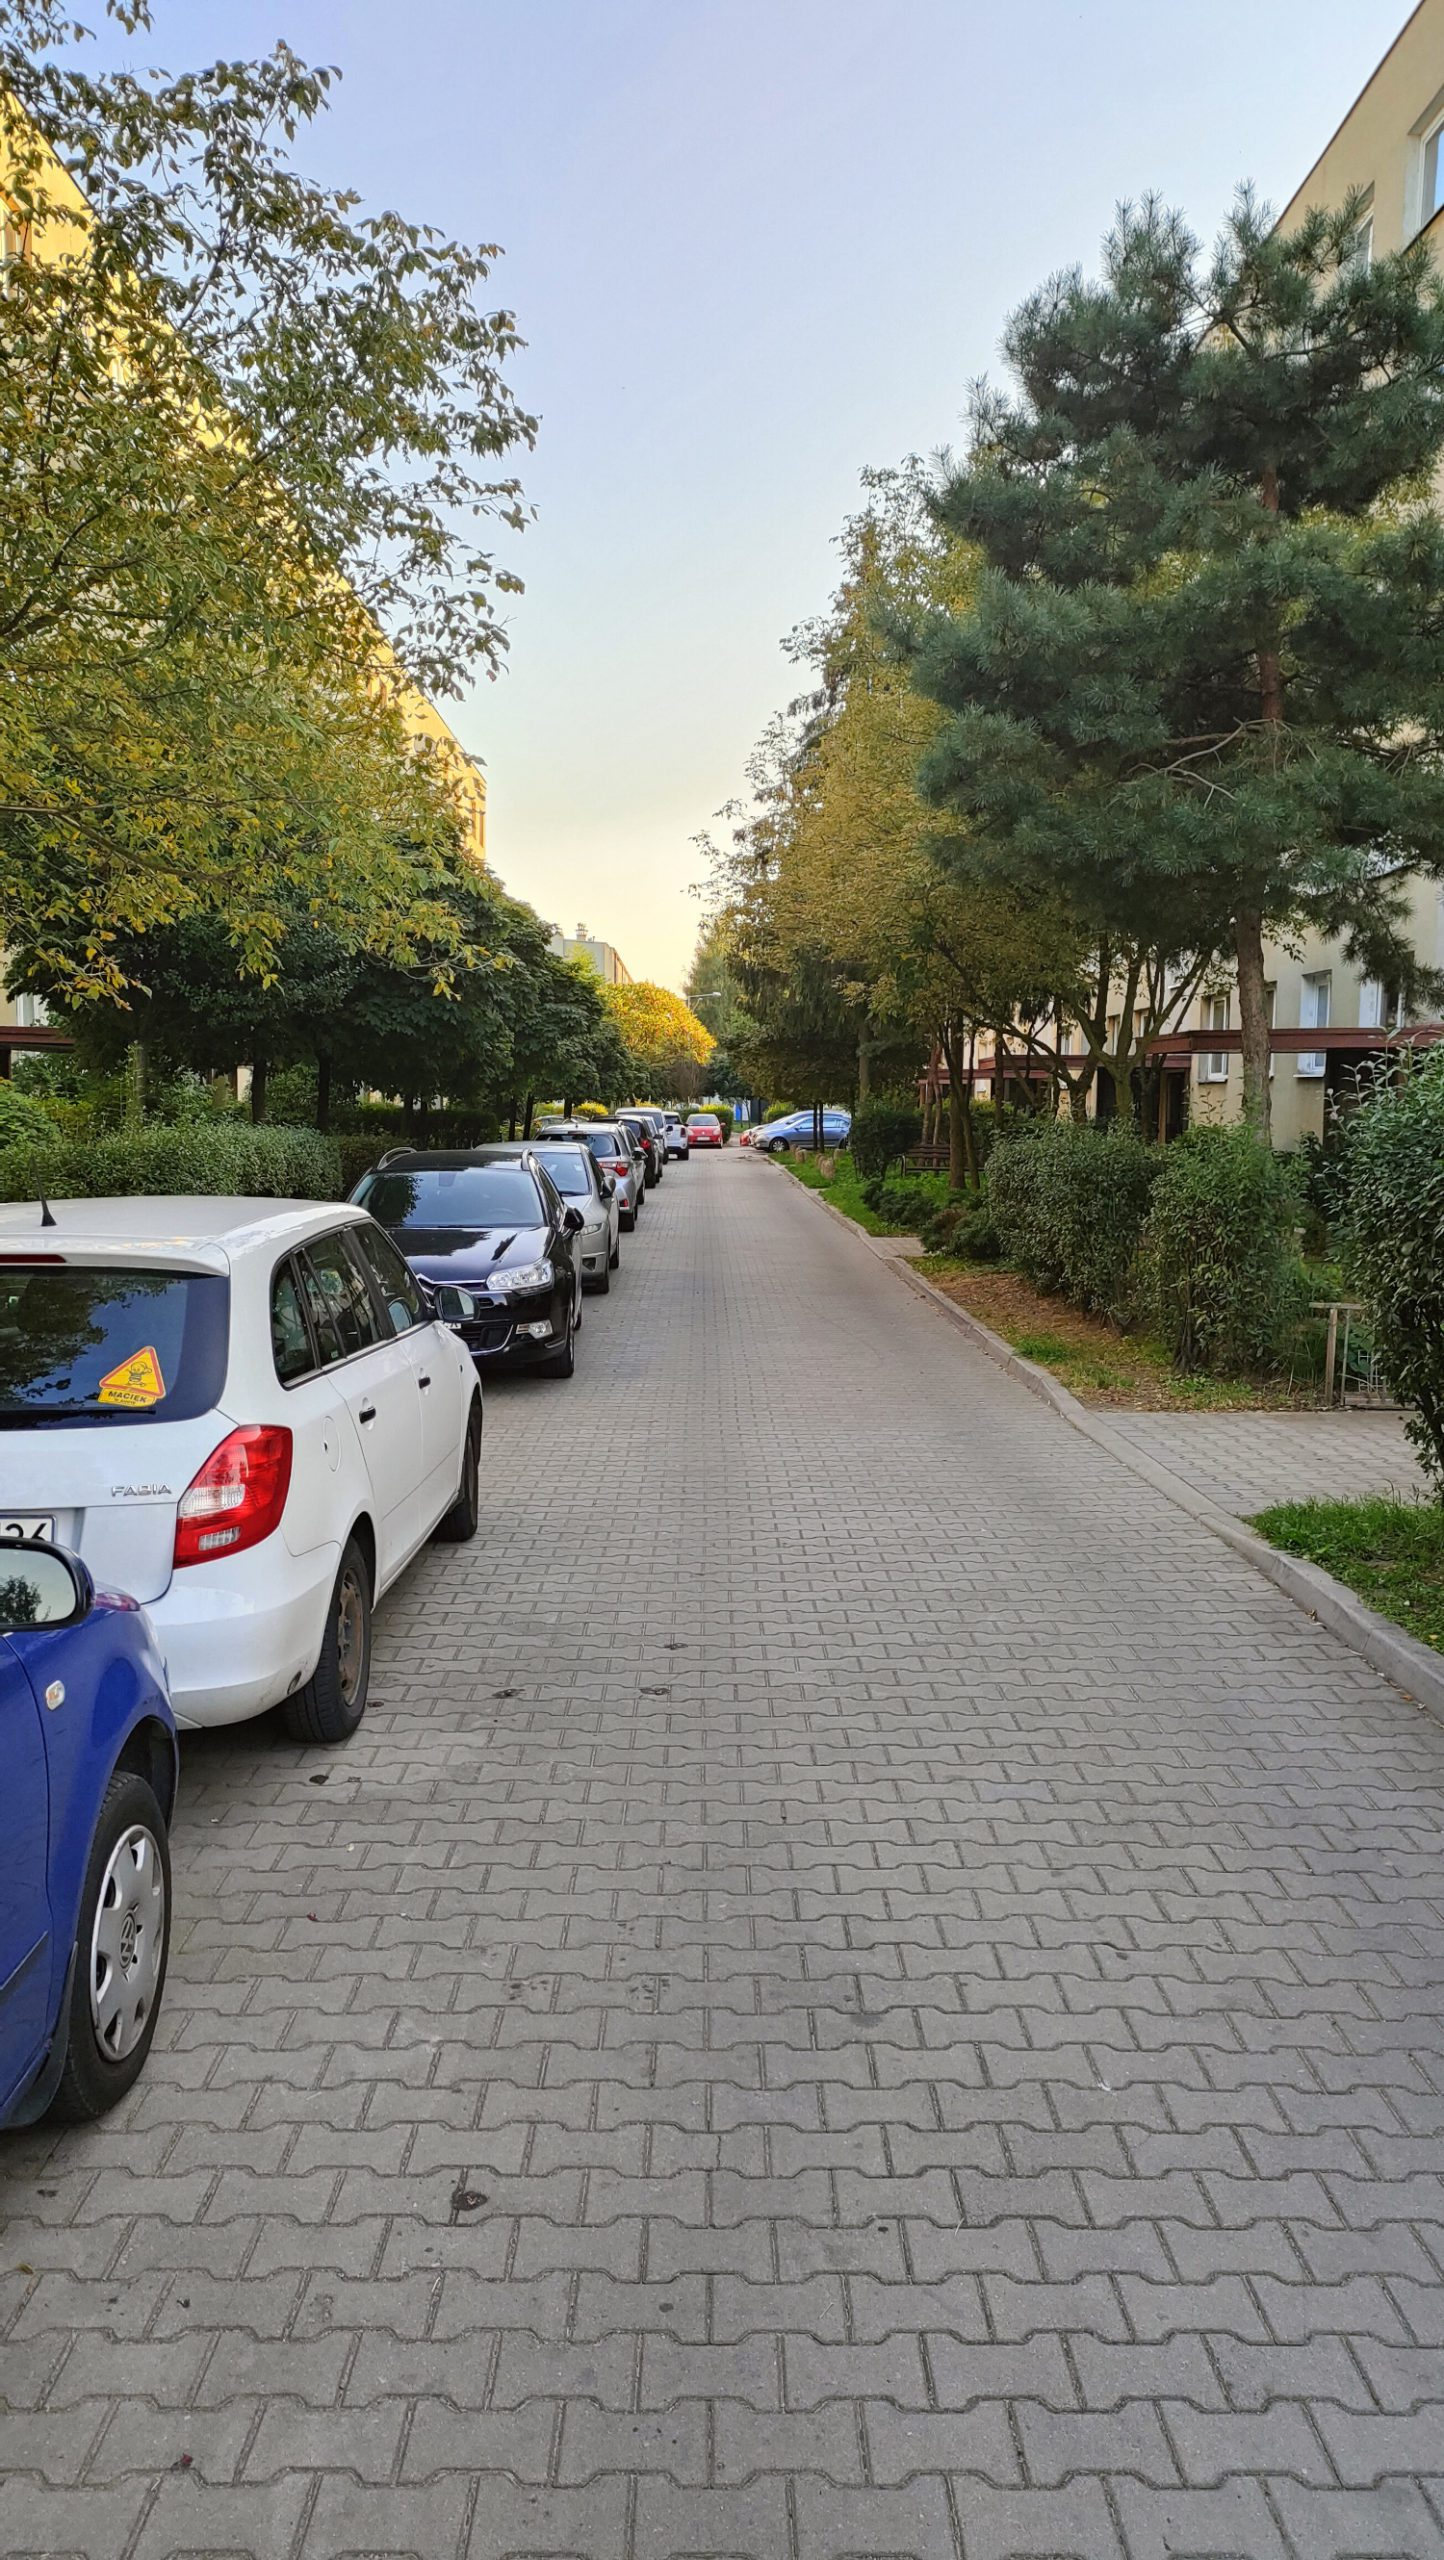 realme gt me parking